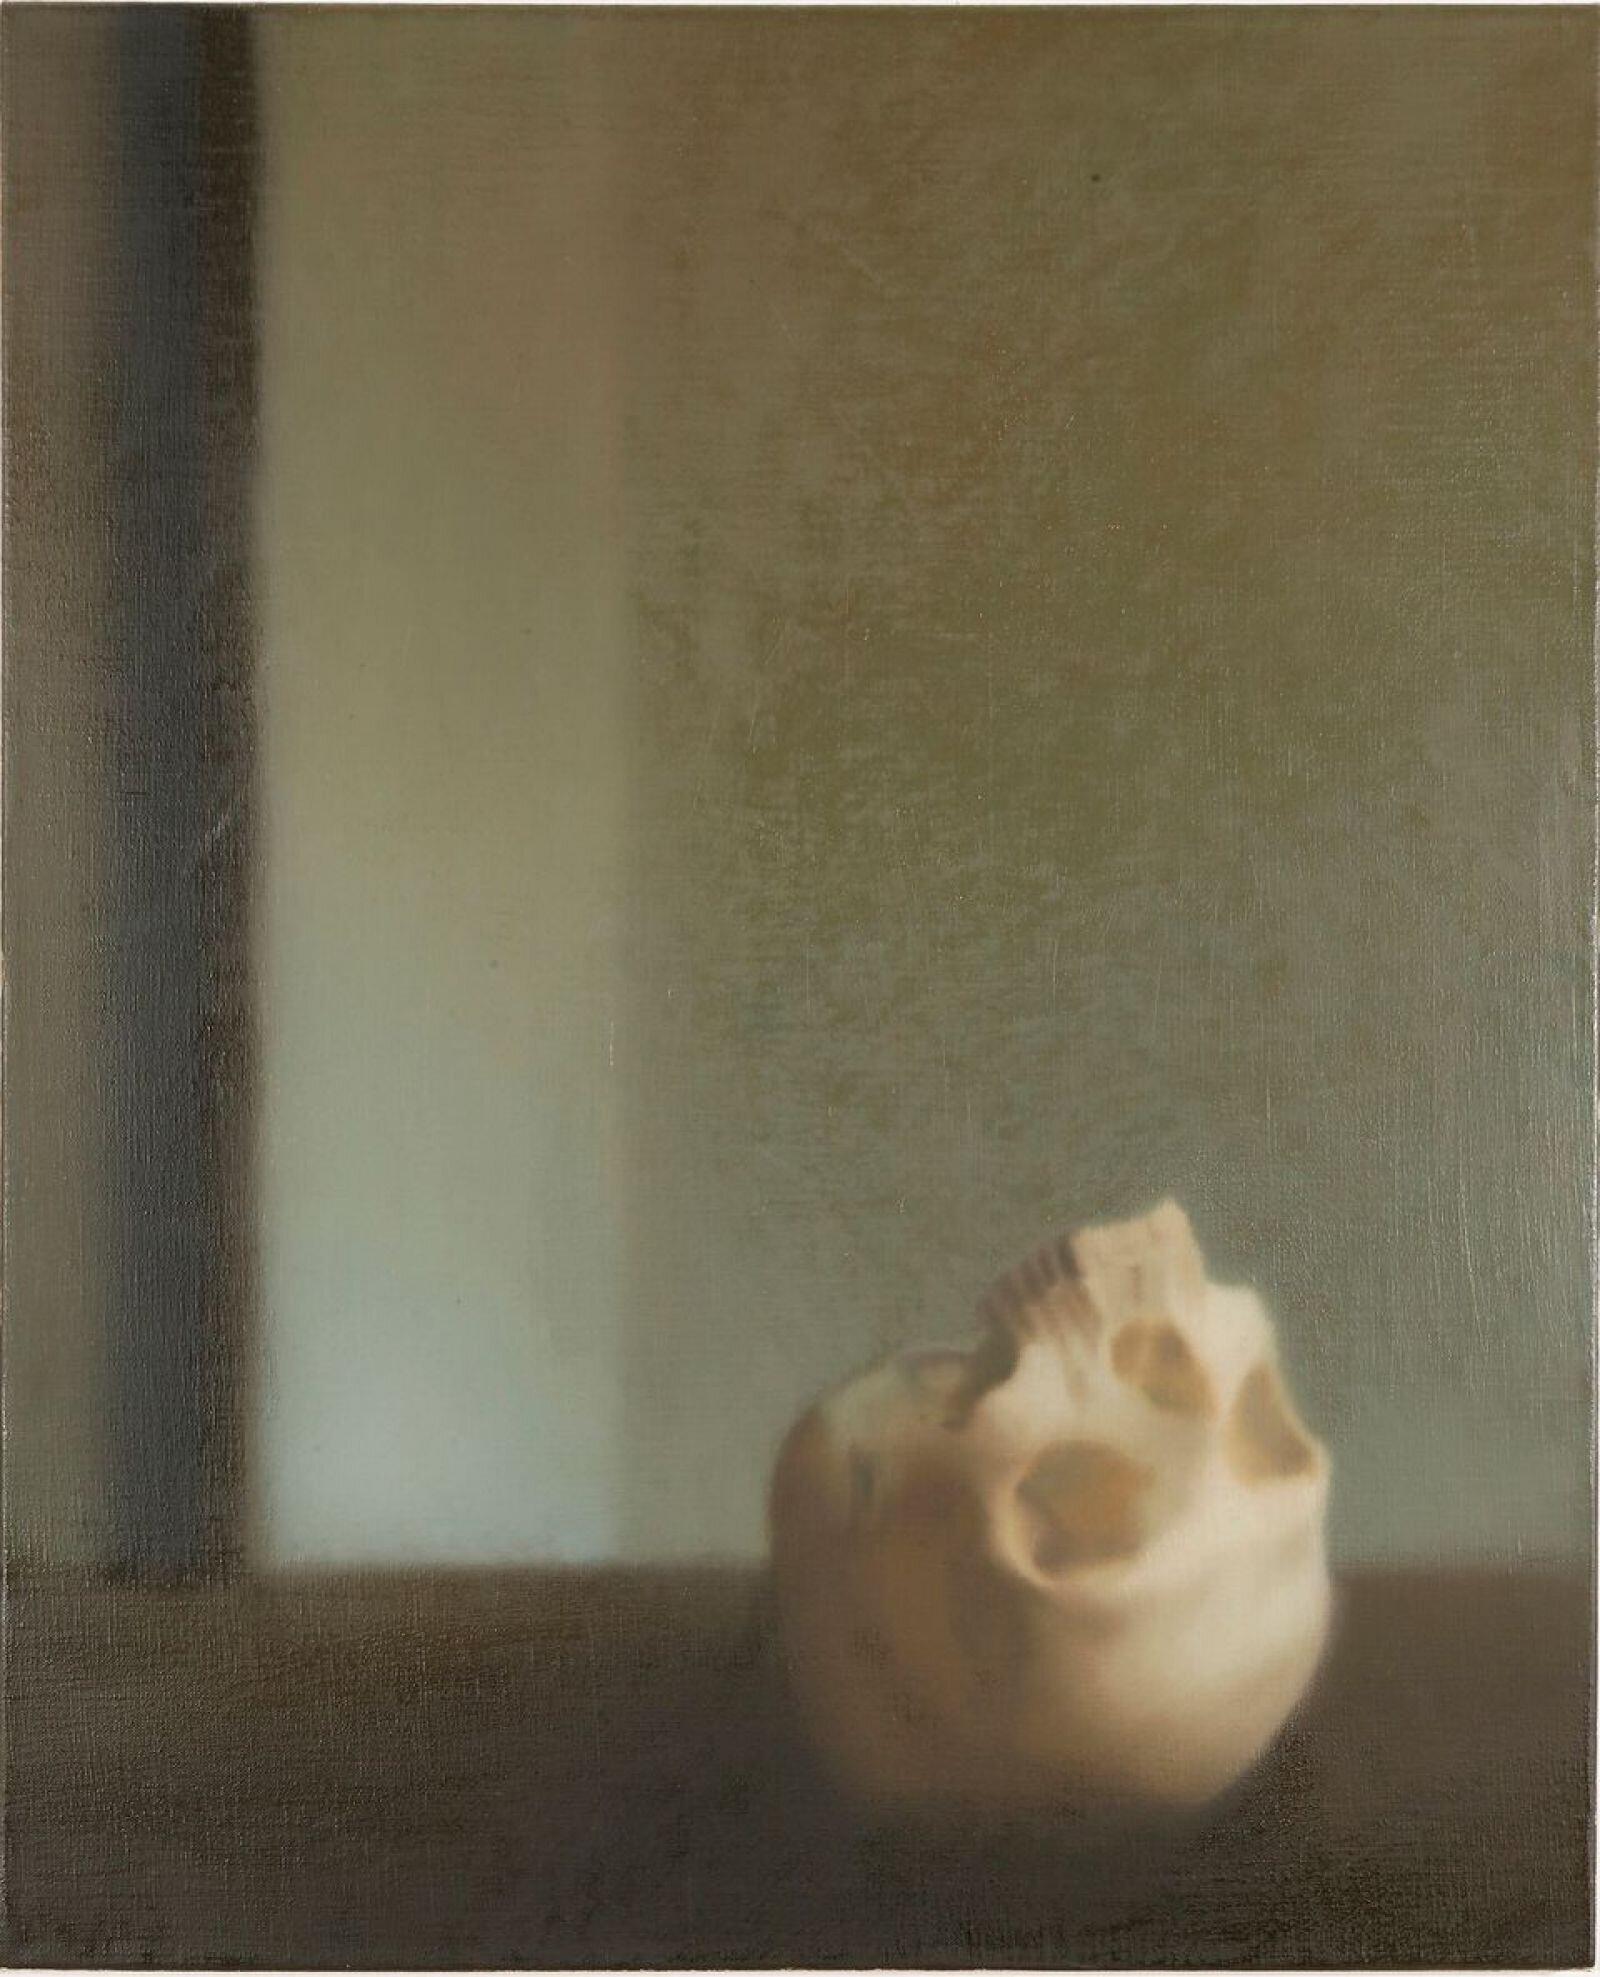 gerhard-richter-ne-en-1932-skull-1983-1600x0